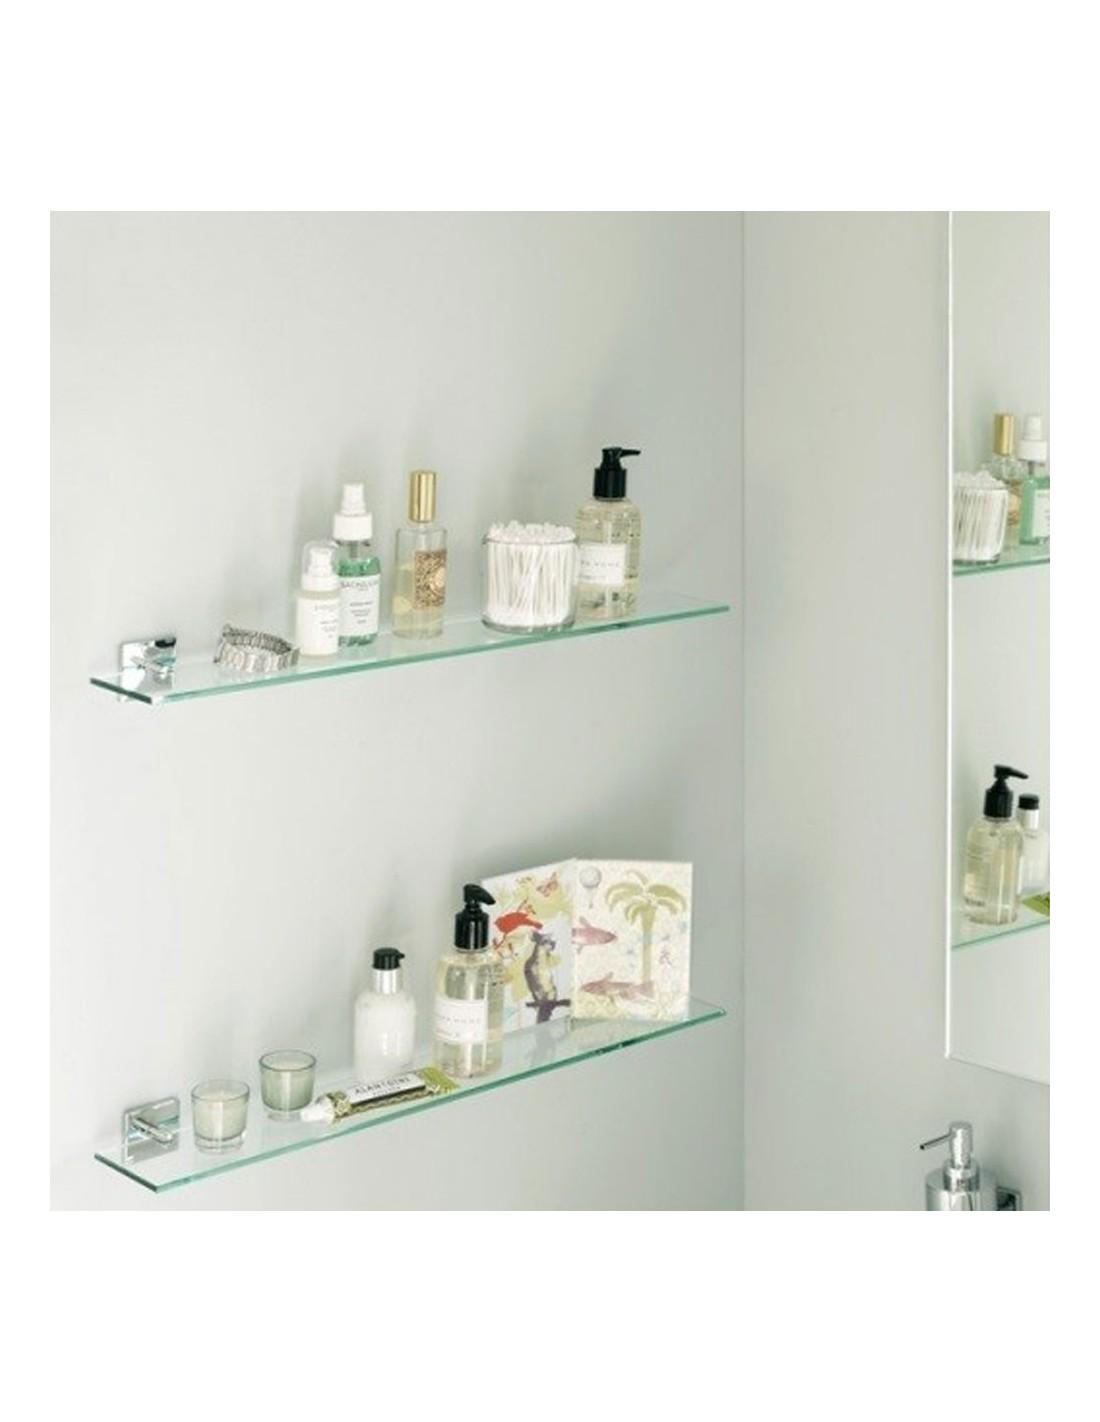 cet article a bien t ajout votre commande tablette salle de bain blanche - Tablette Salle De Bain Blanche